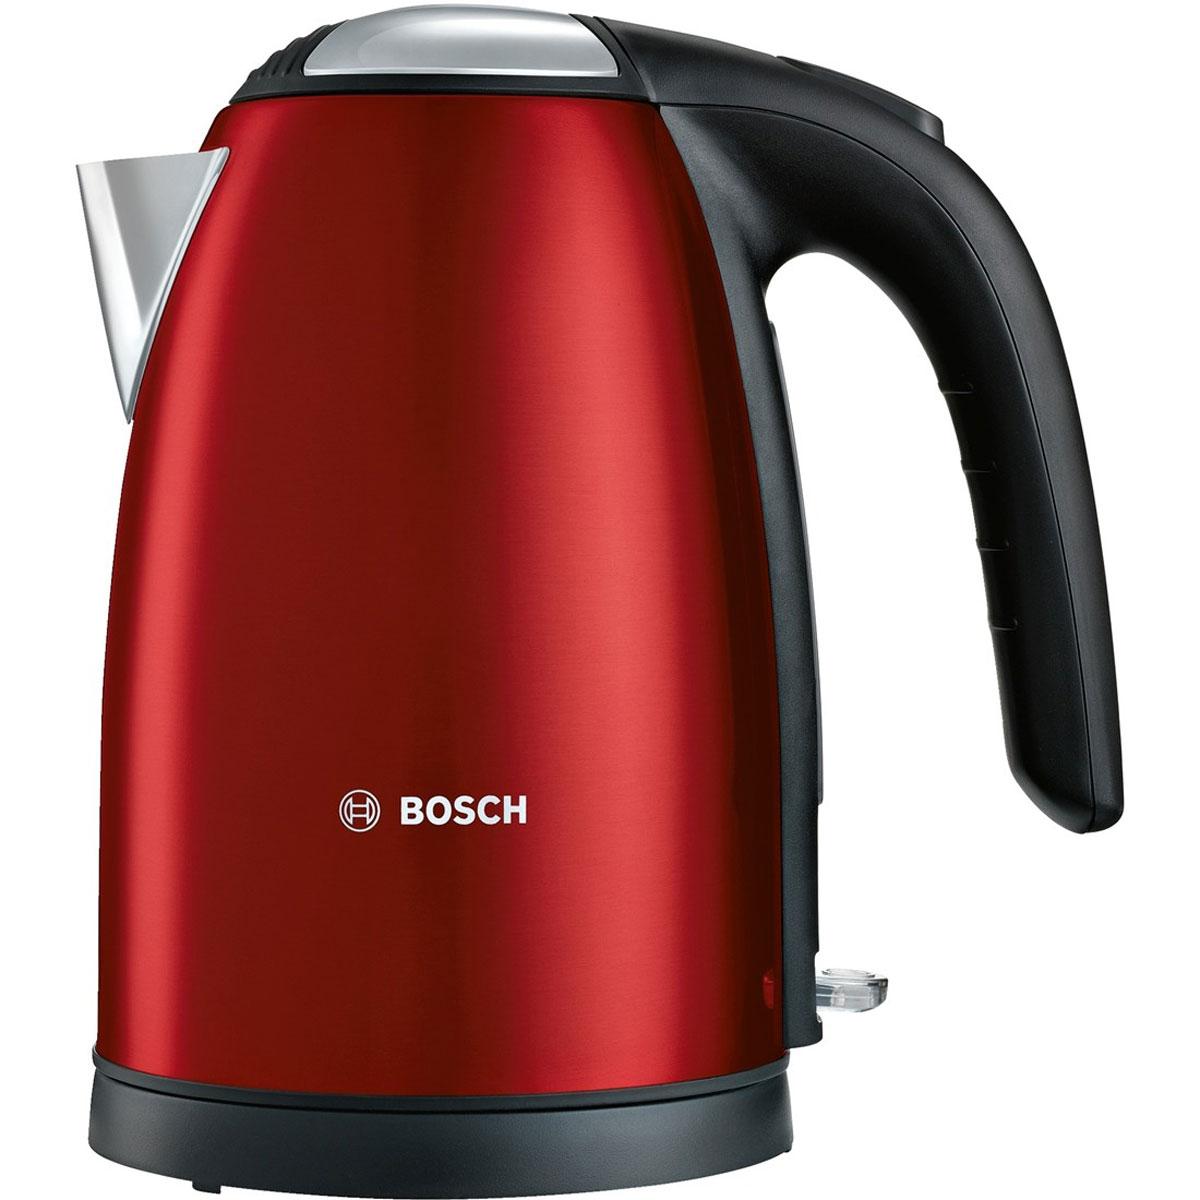 Bosch TWK 7804, Red чайникTWK7804Bosch TWK 7804 - компактный и надежный электрический чайник со скрытым нагревательным элементом из нержавеющей стали. Прибор оснащен съемным фильтром от накипи, что позволяет существенно продлить срок его использования. Цоколь с поворотом на 360° имеет центральный контакт. Также удобство в использовании обеспечивают функция автовыключения и защита от перегрева.